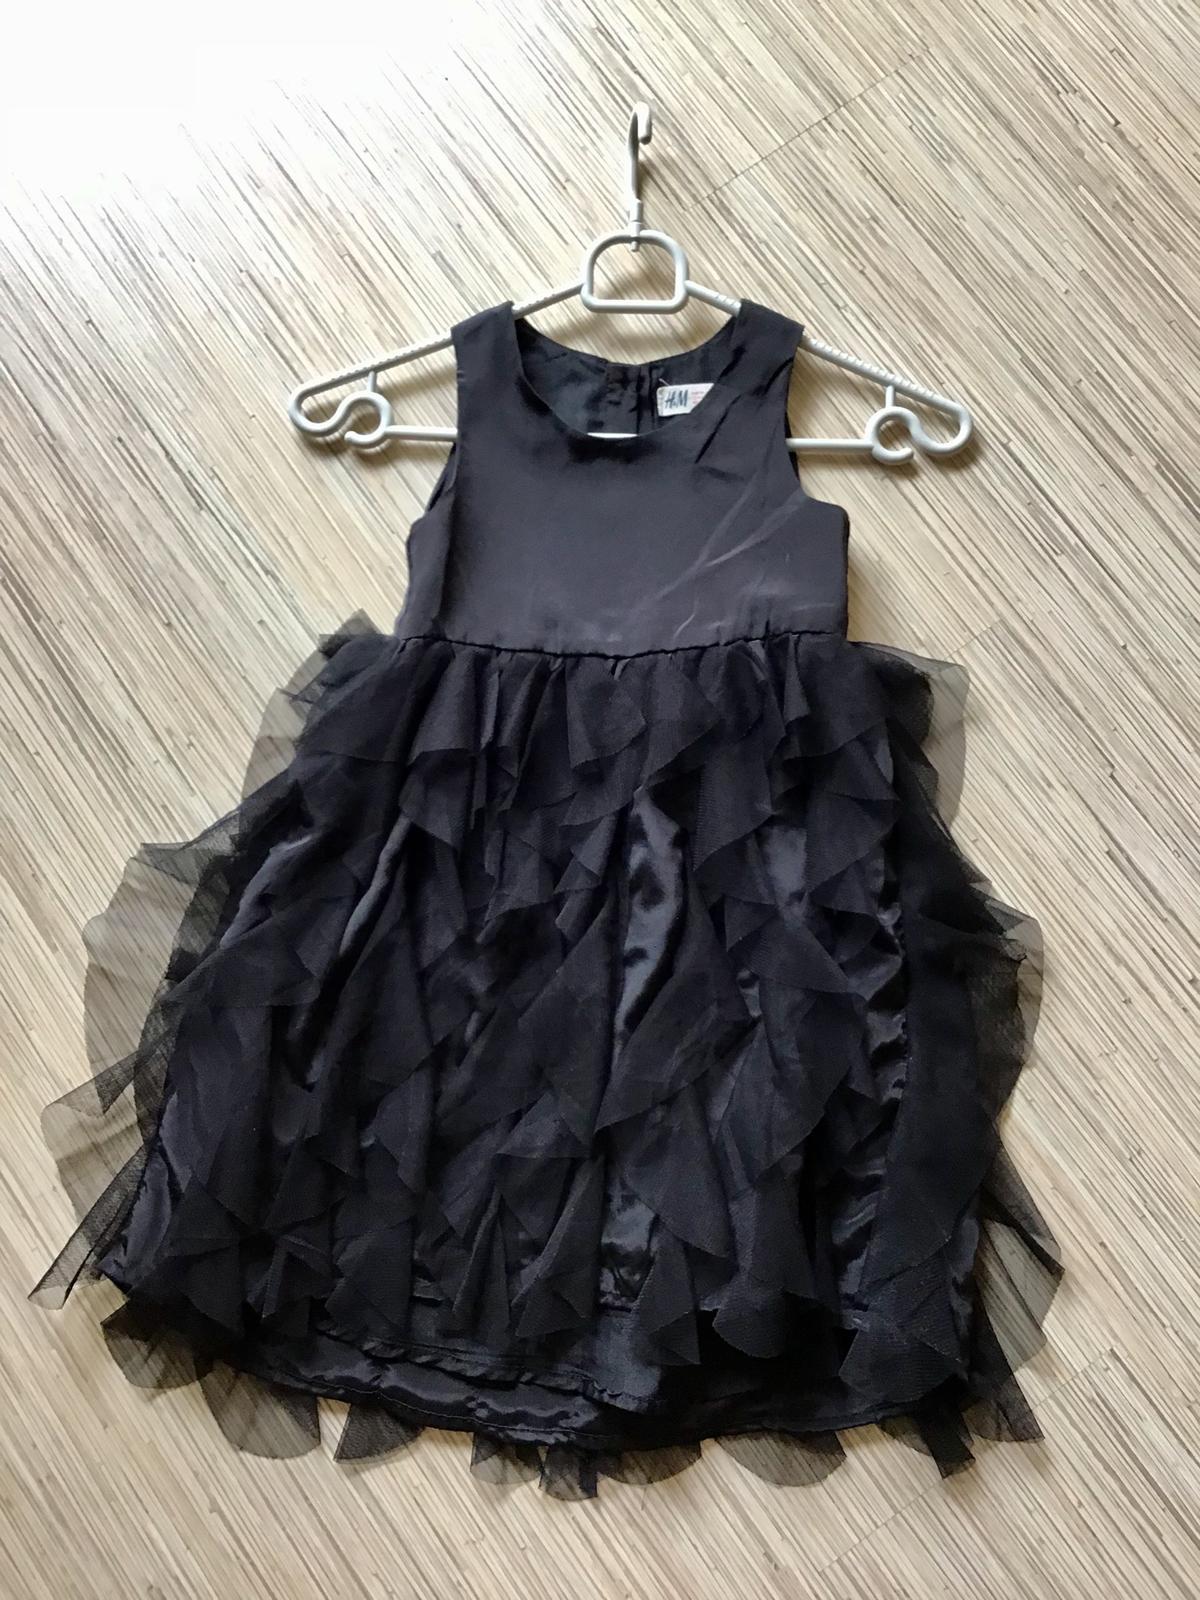 Volanove šaty H&M 4-5r. - Obrázok č. 2